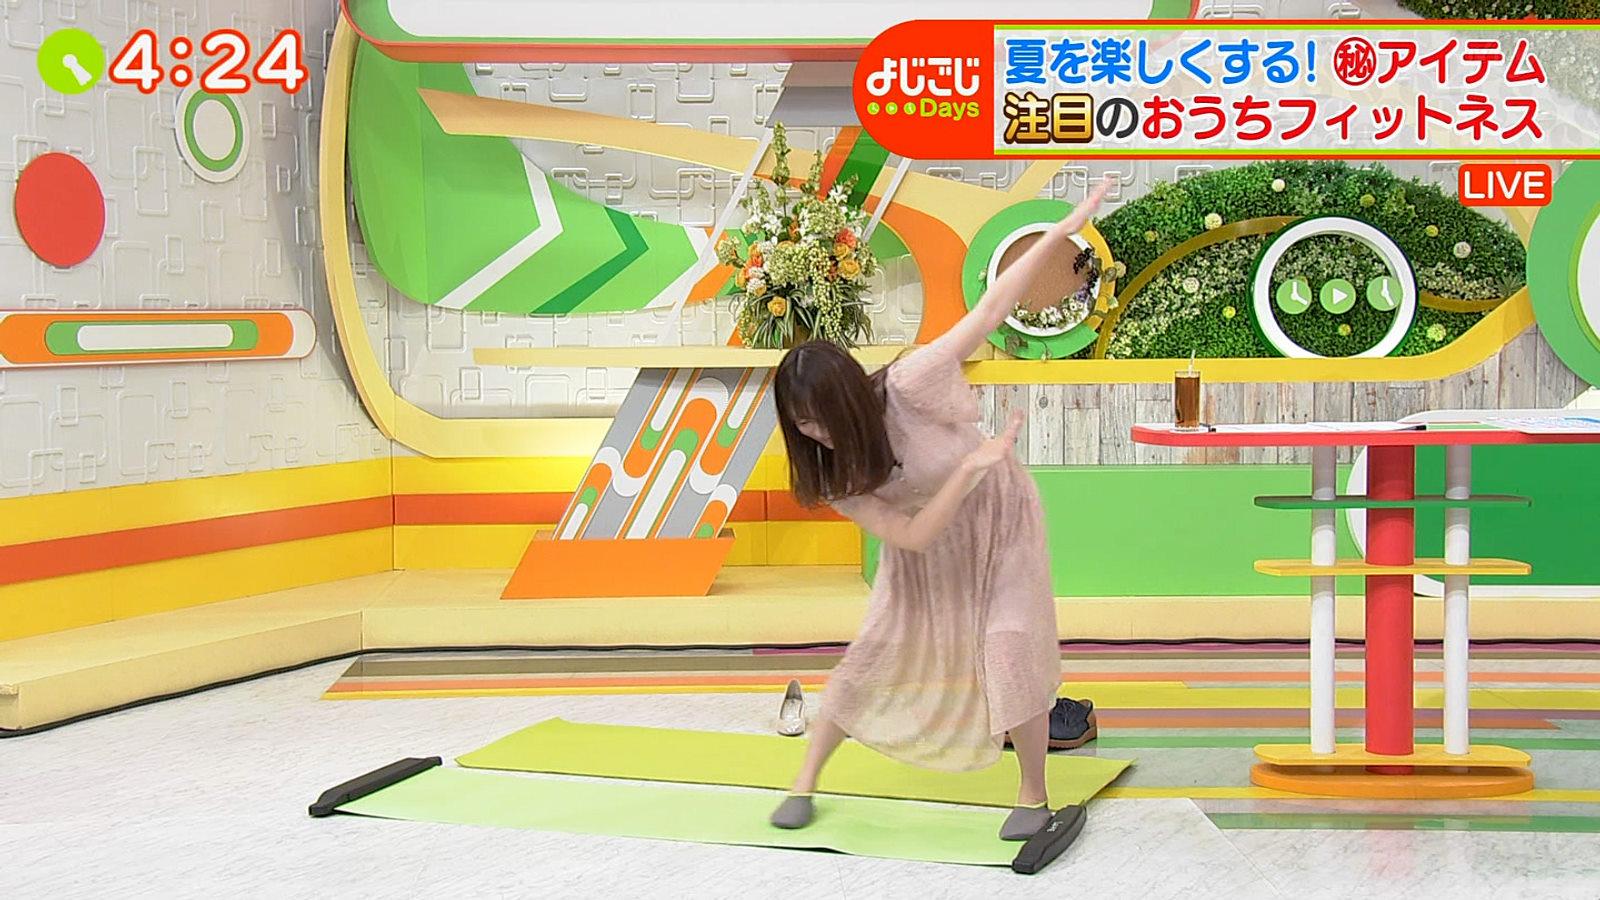 森香澄_女子アナ_おっぱい_乳揺れ_よじごじDAYS_45